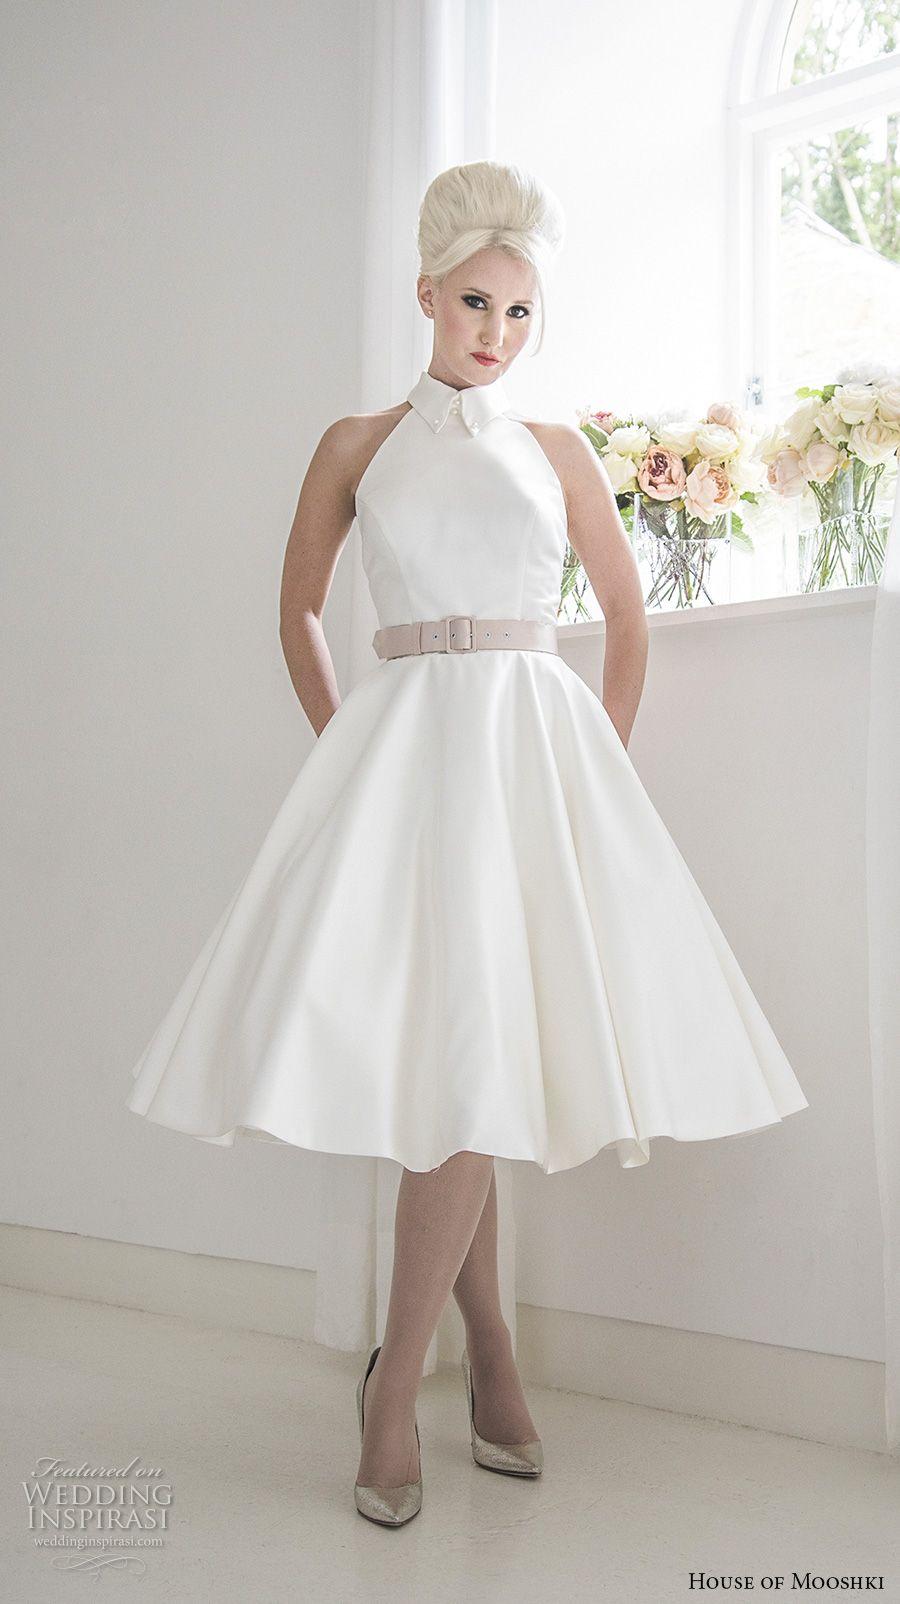 House Of Mooshki 2017 Wedding Dresses Wedding Inspirasi Short Wedding Dress Tea Length Wedding Dress Tea Length Wedding Dress Vintage [ 1604 x 900 Pixel ]